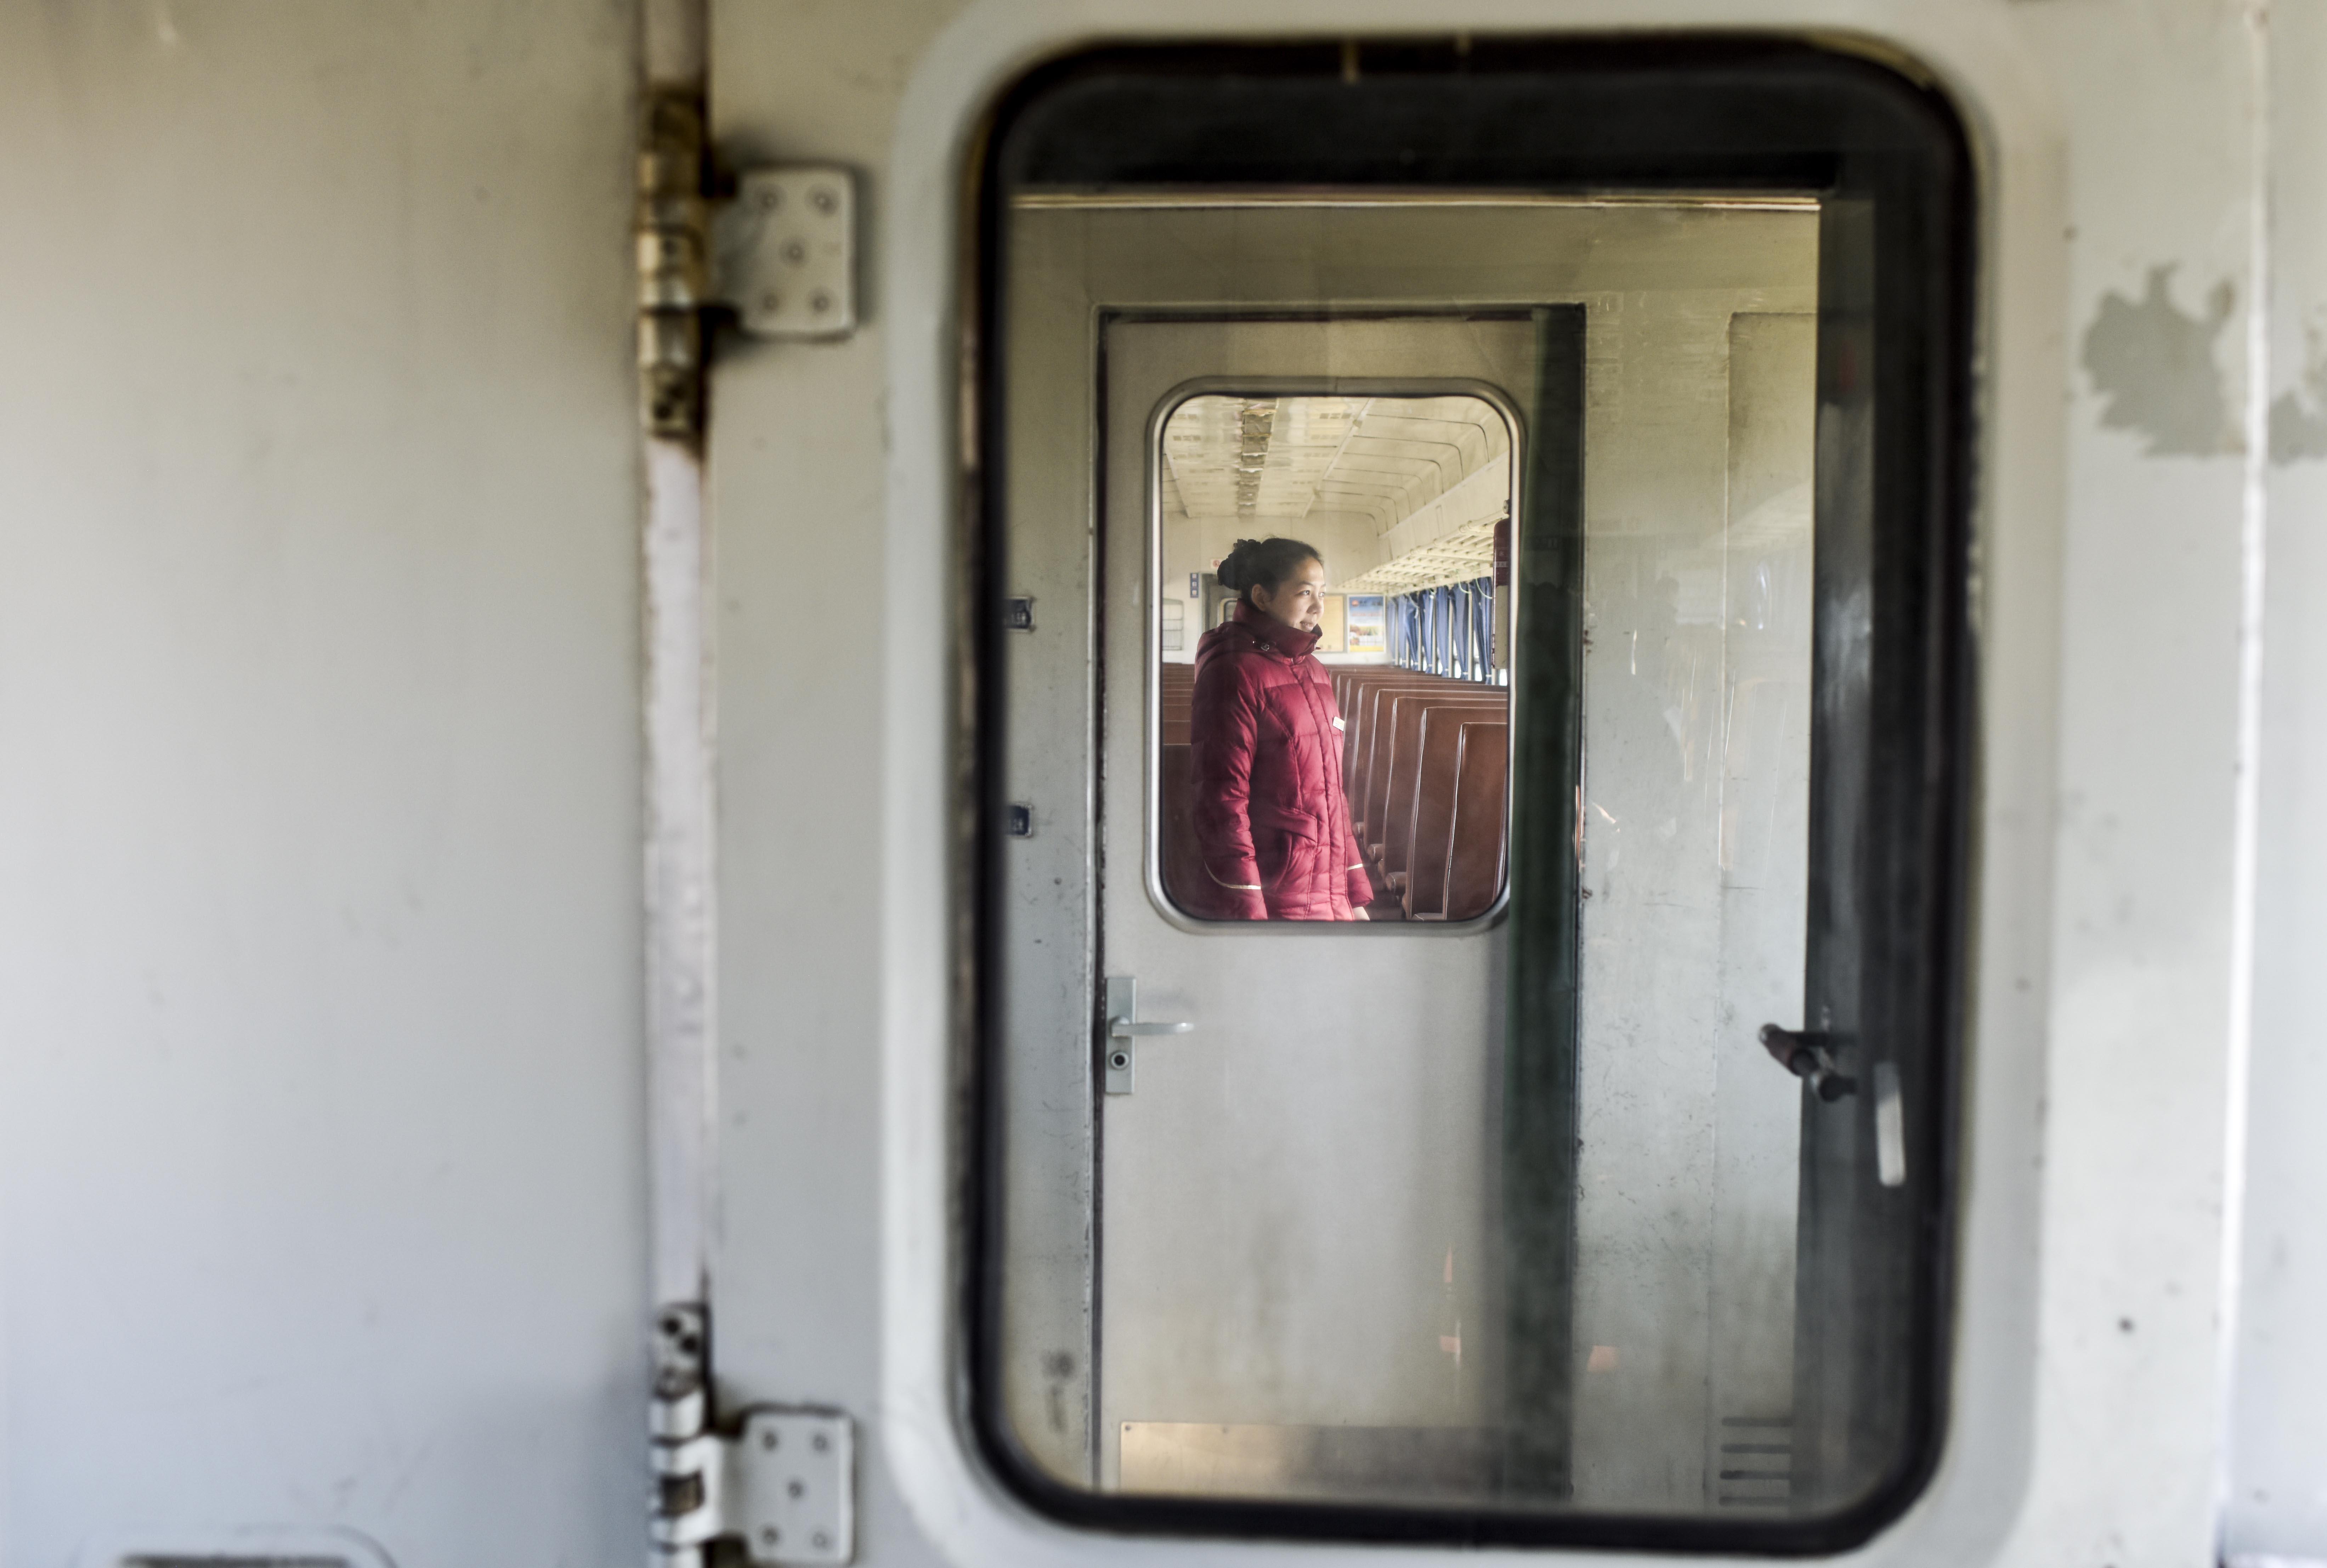 在5809次列车上,列车员苏比努尔·塔叶尓正在上岗中(11月24日摄)。原先是名护士的苏比努尔·塔依尔应聘成为列车员不到半年,从刚开始的不理解到现在,她已经喜欢上了这个岗位。